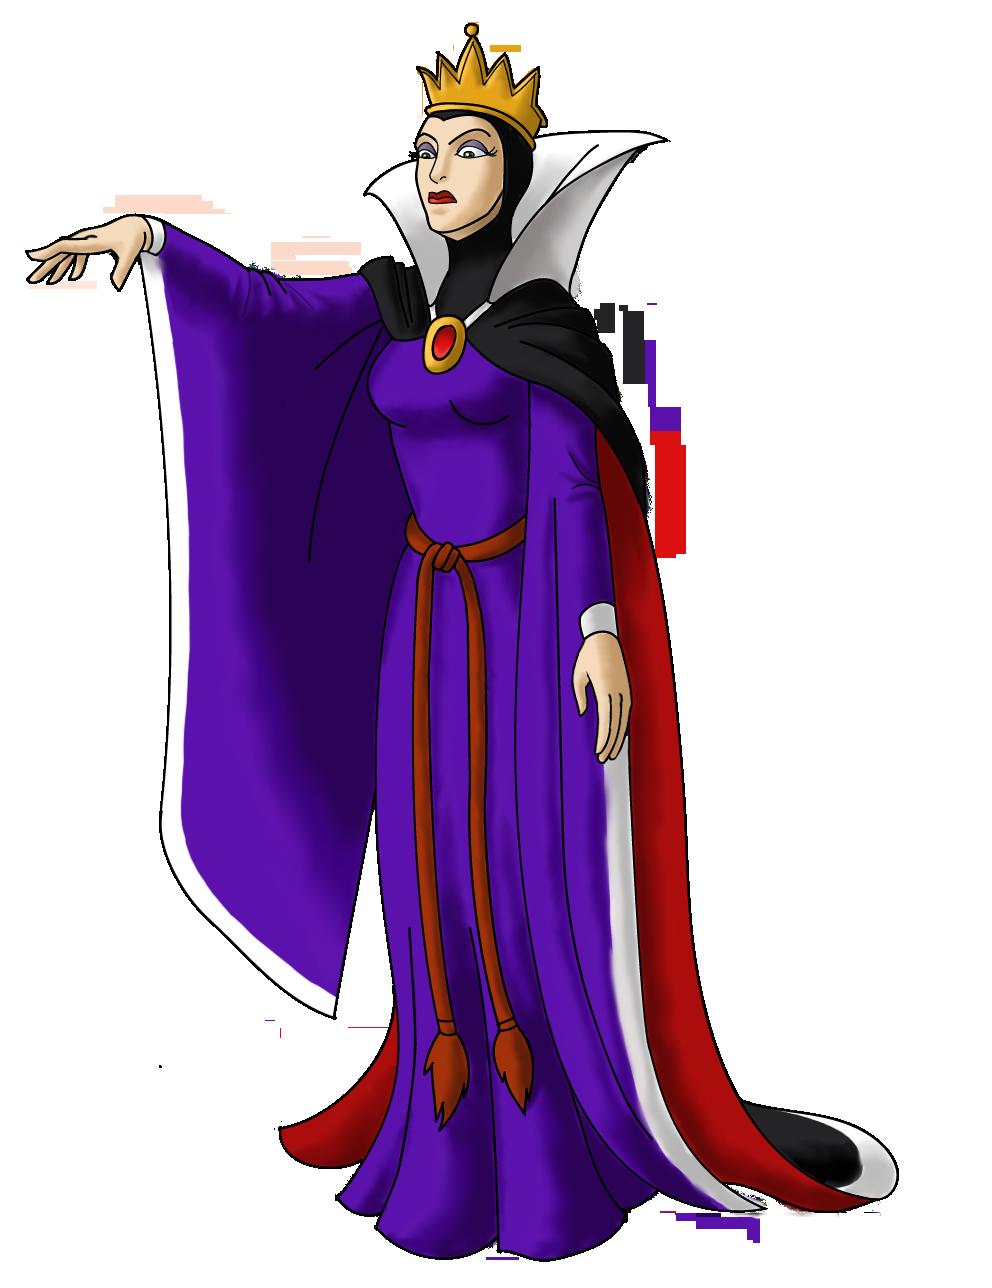 Disney Villain October 20: Queen Grimhilde by PowerOptix ...Disney Evil Queen Art